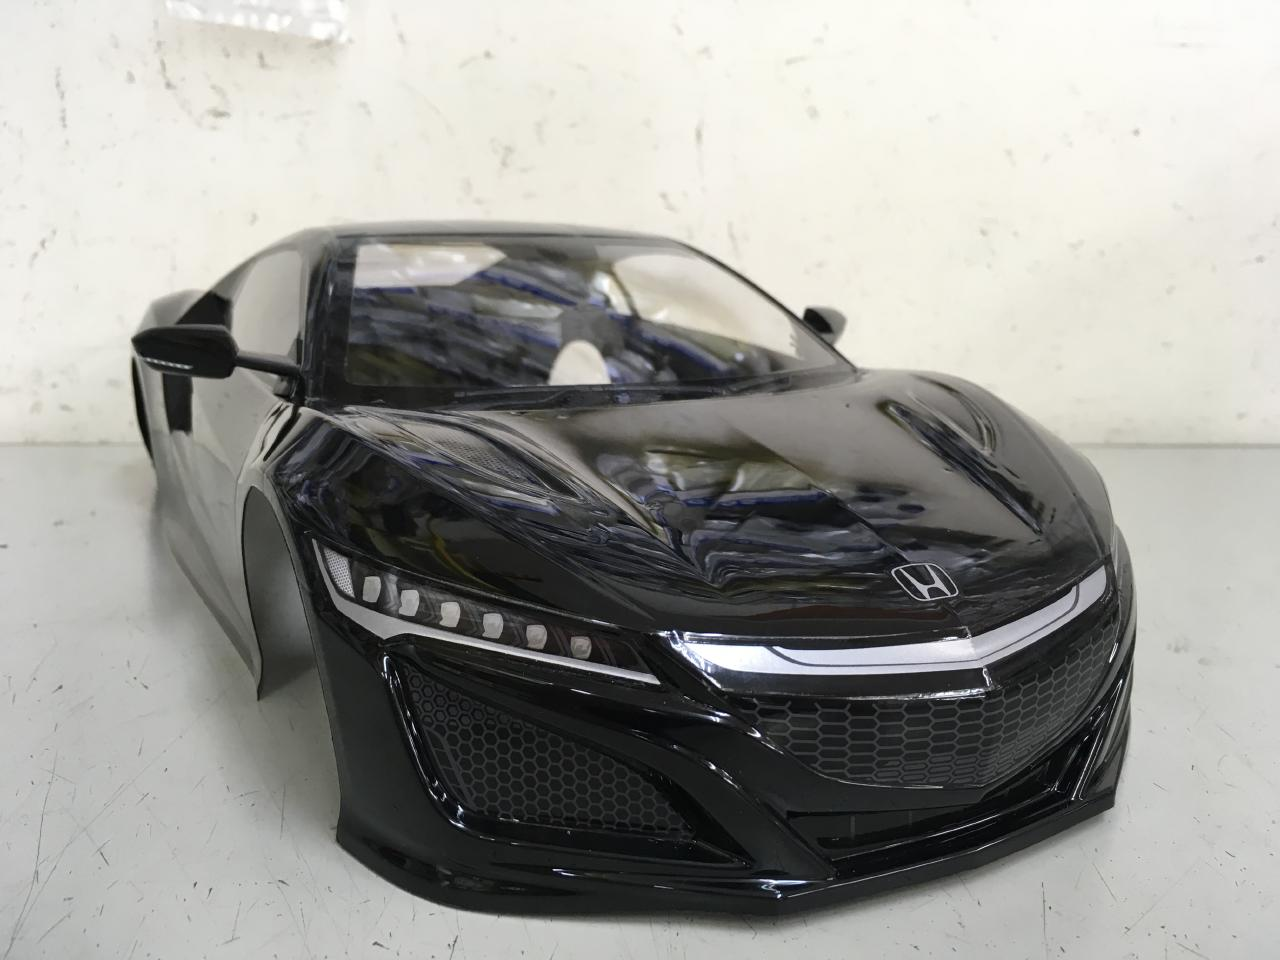 タミヤ 1/10 タミヤ NSX ボディ ブラック カーボン調ルーフ SP-1586